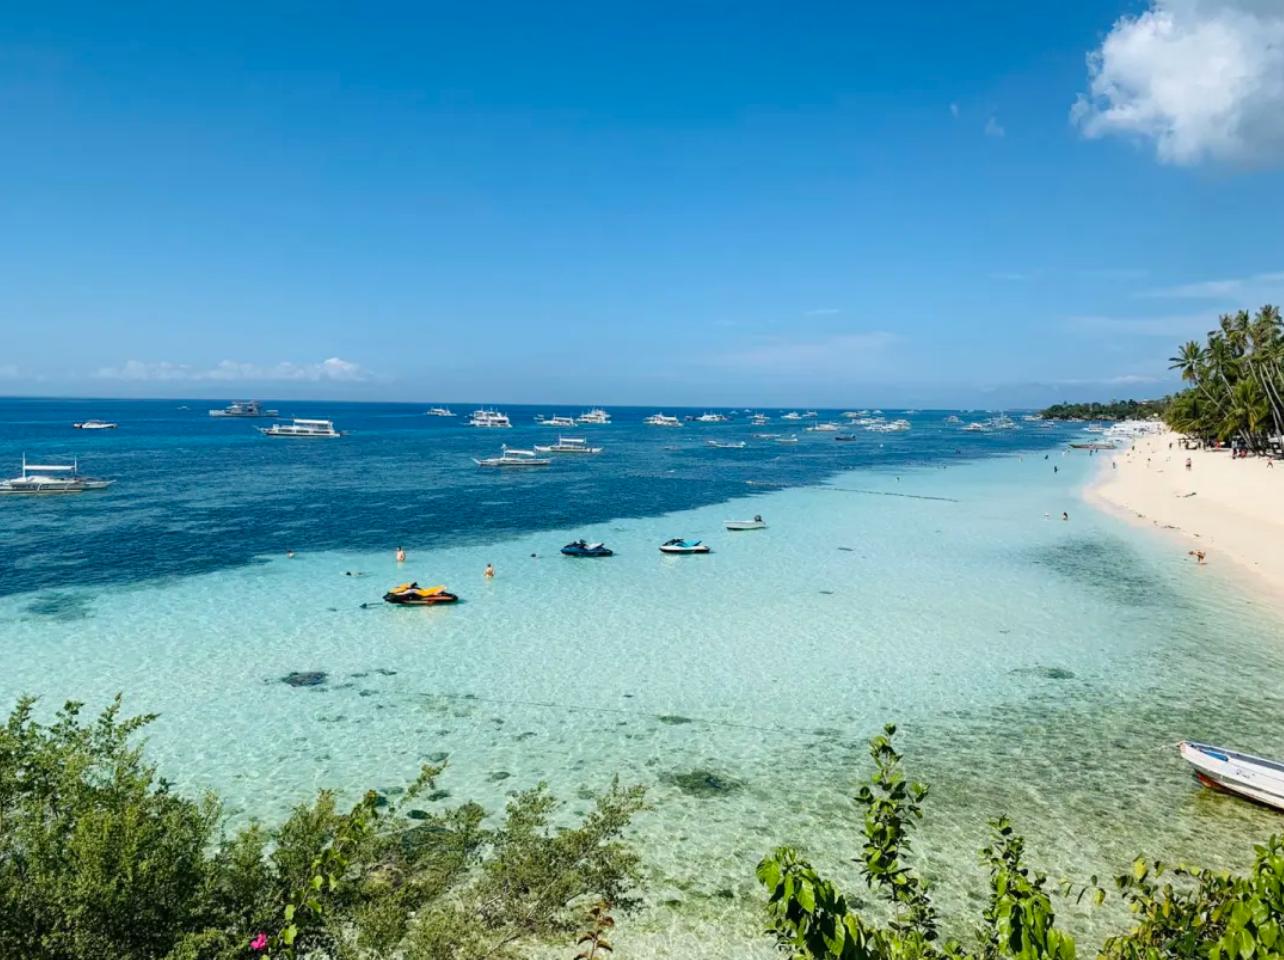 疫情重创全球旅游业:中国游客消失、酒店零预定、景点门可罗雀